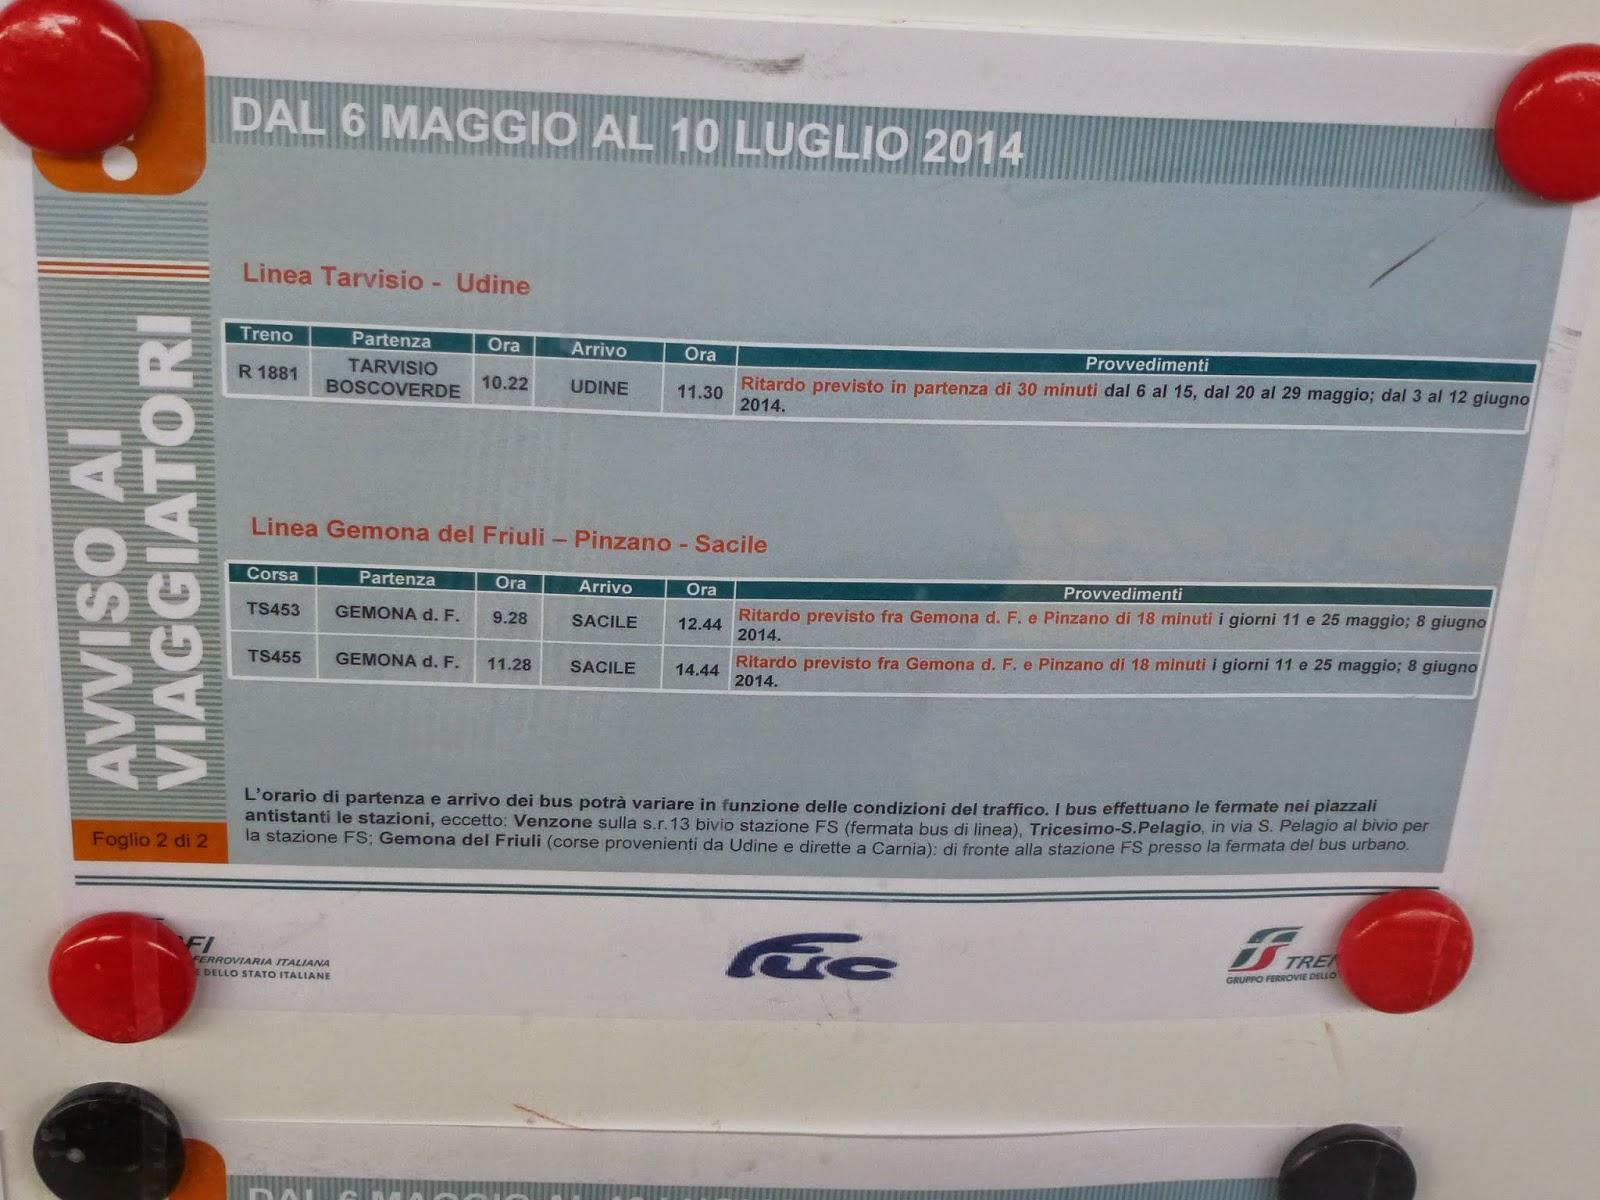 Ufficio Del Lavoro Udine : Ufficio del lavoro udine orari cambiano gli orari degli uffici